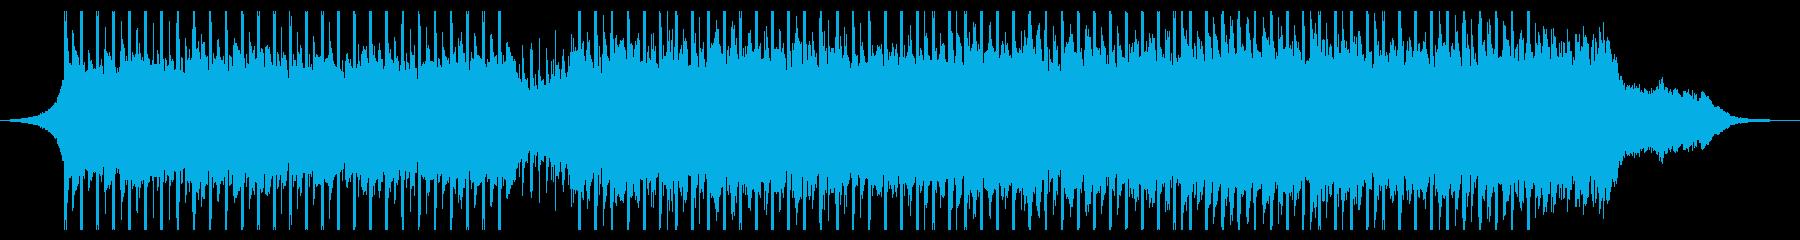 アチーブメント(60秒)の再生済みの波形